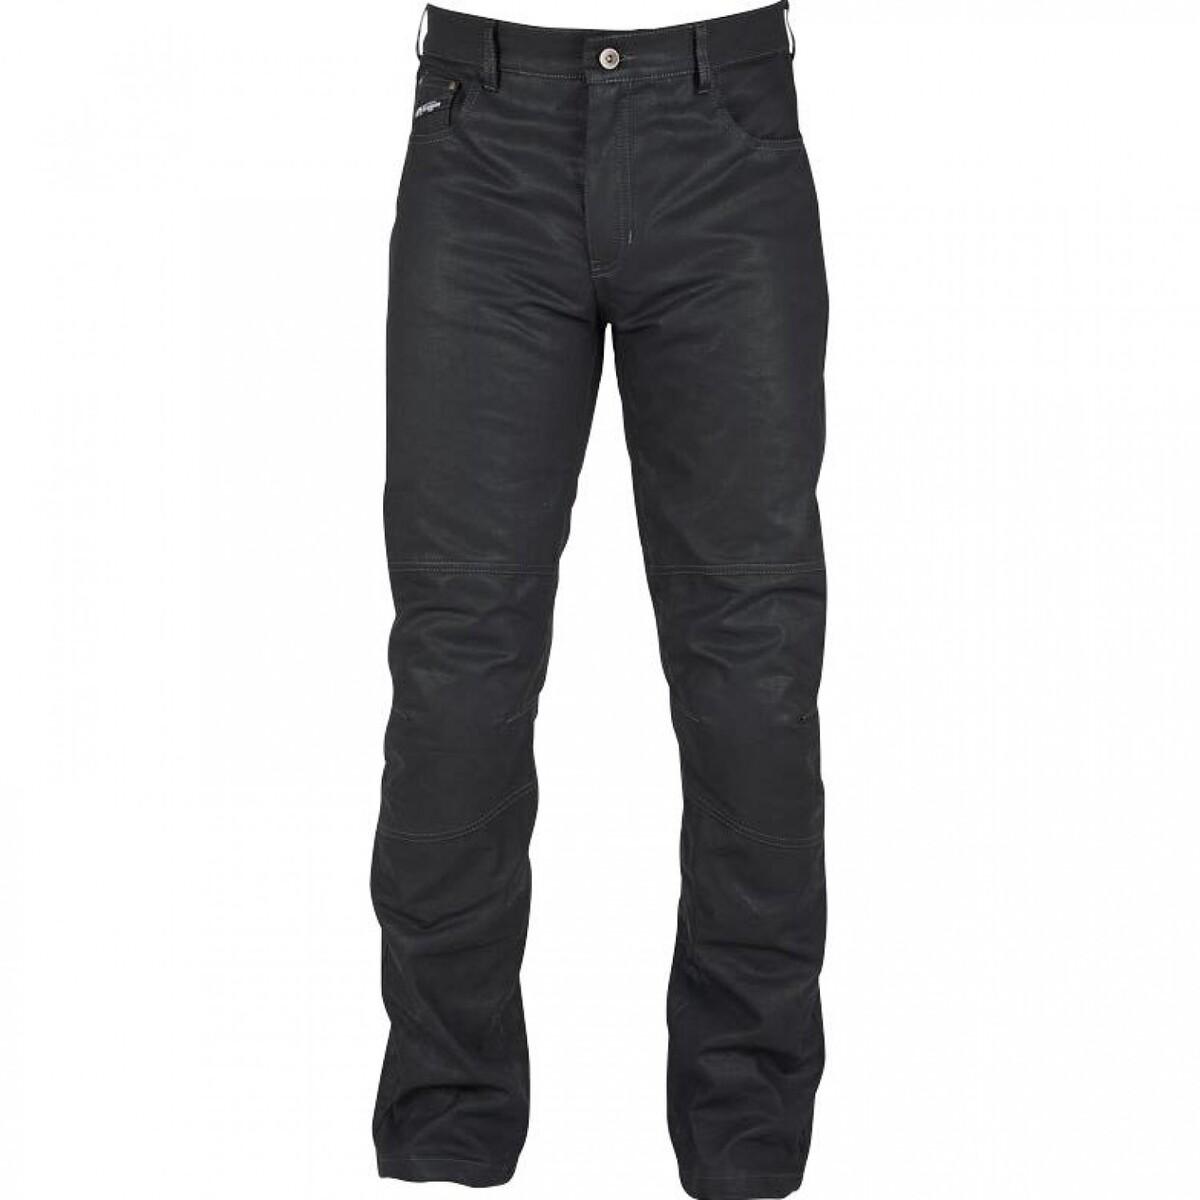 Bild 1 von Furygan Jeans D02 Oil schwarz Herren Größe 48